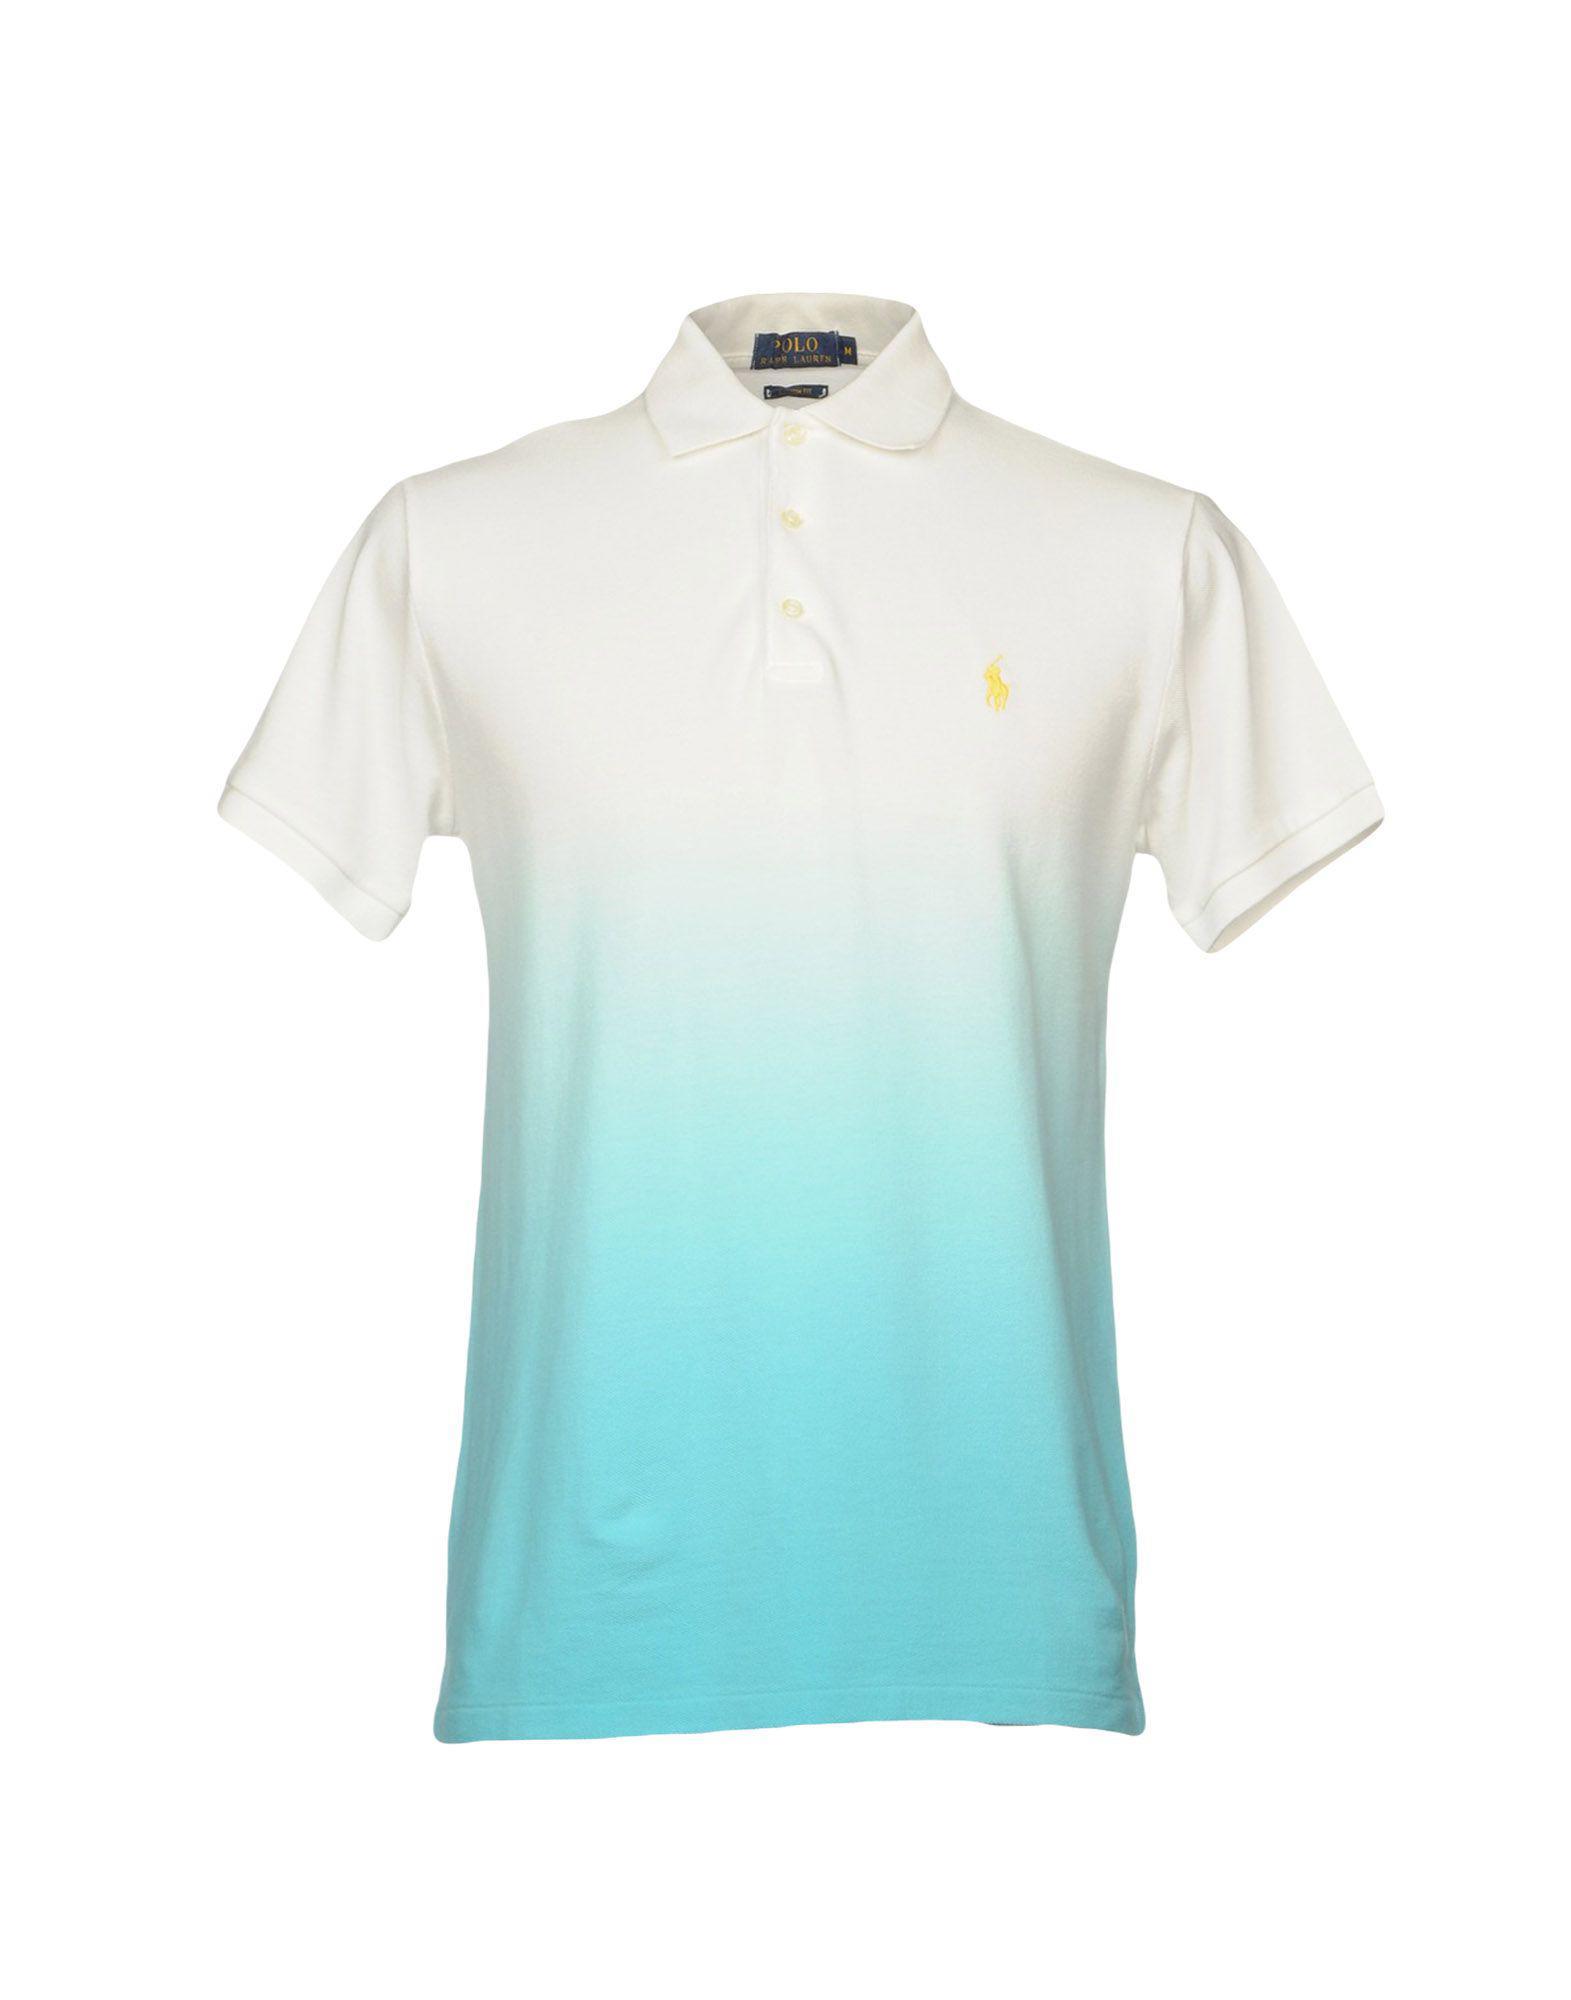 27470d40 Polo Ralph Lauren Polo Shirt in White for Men - Lyst